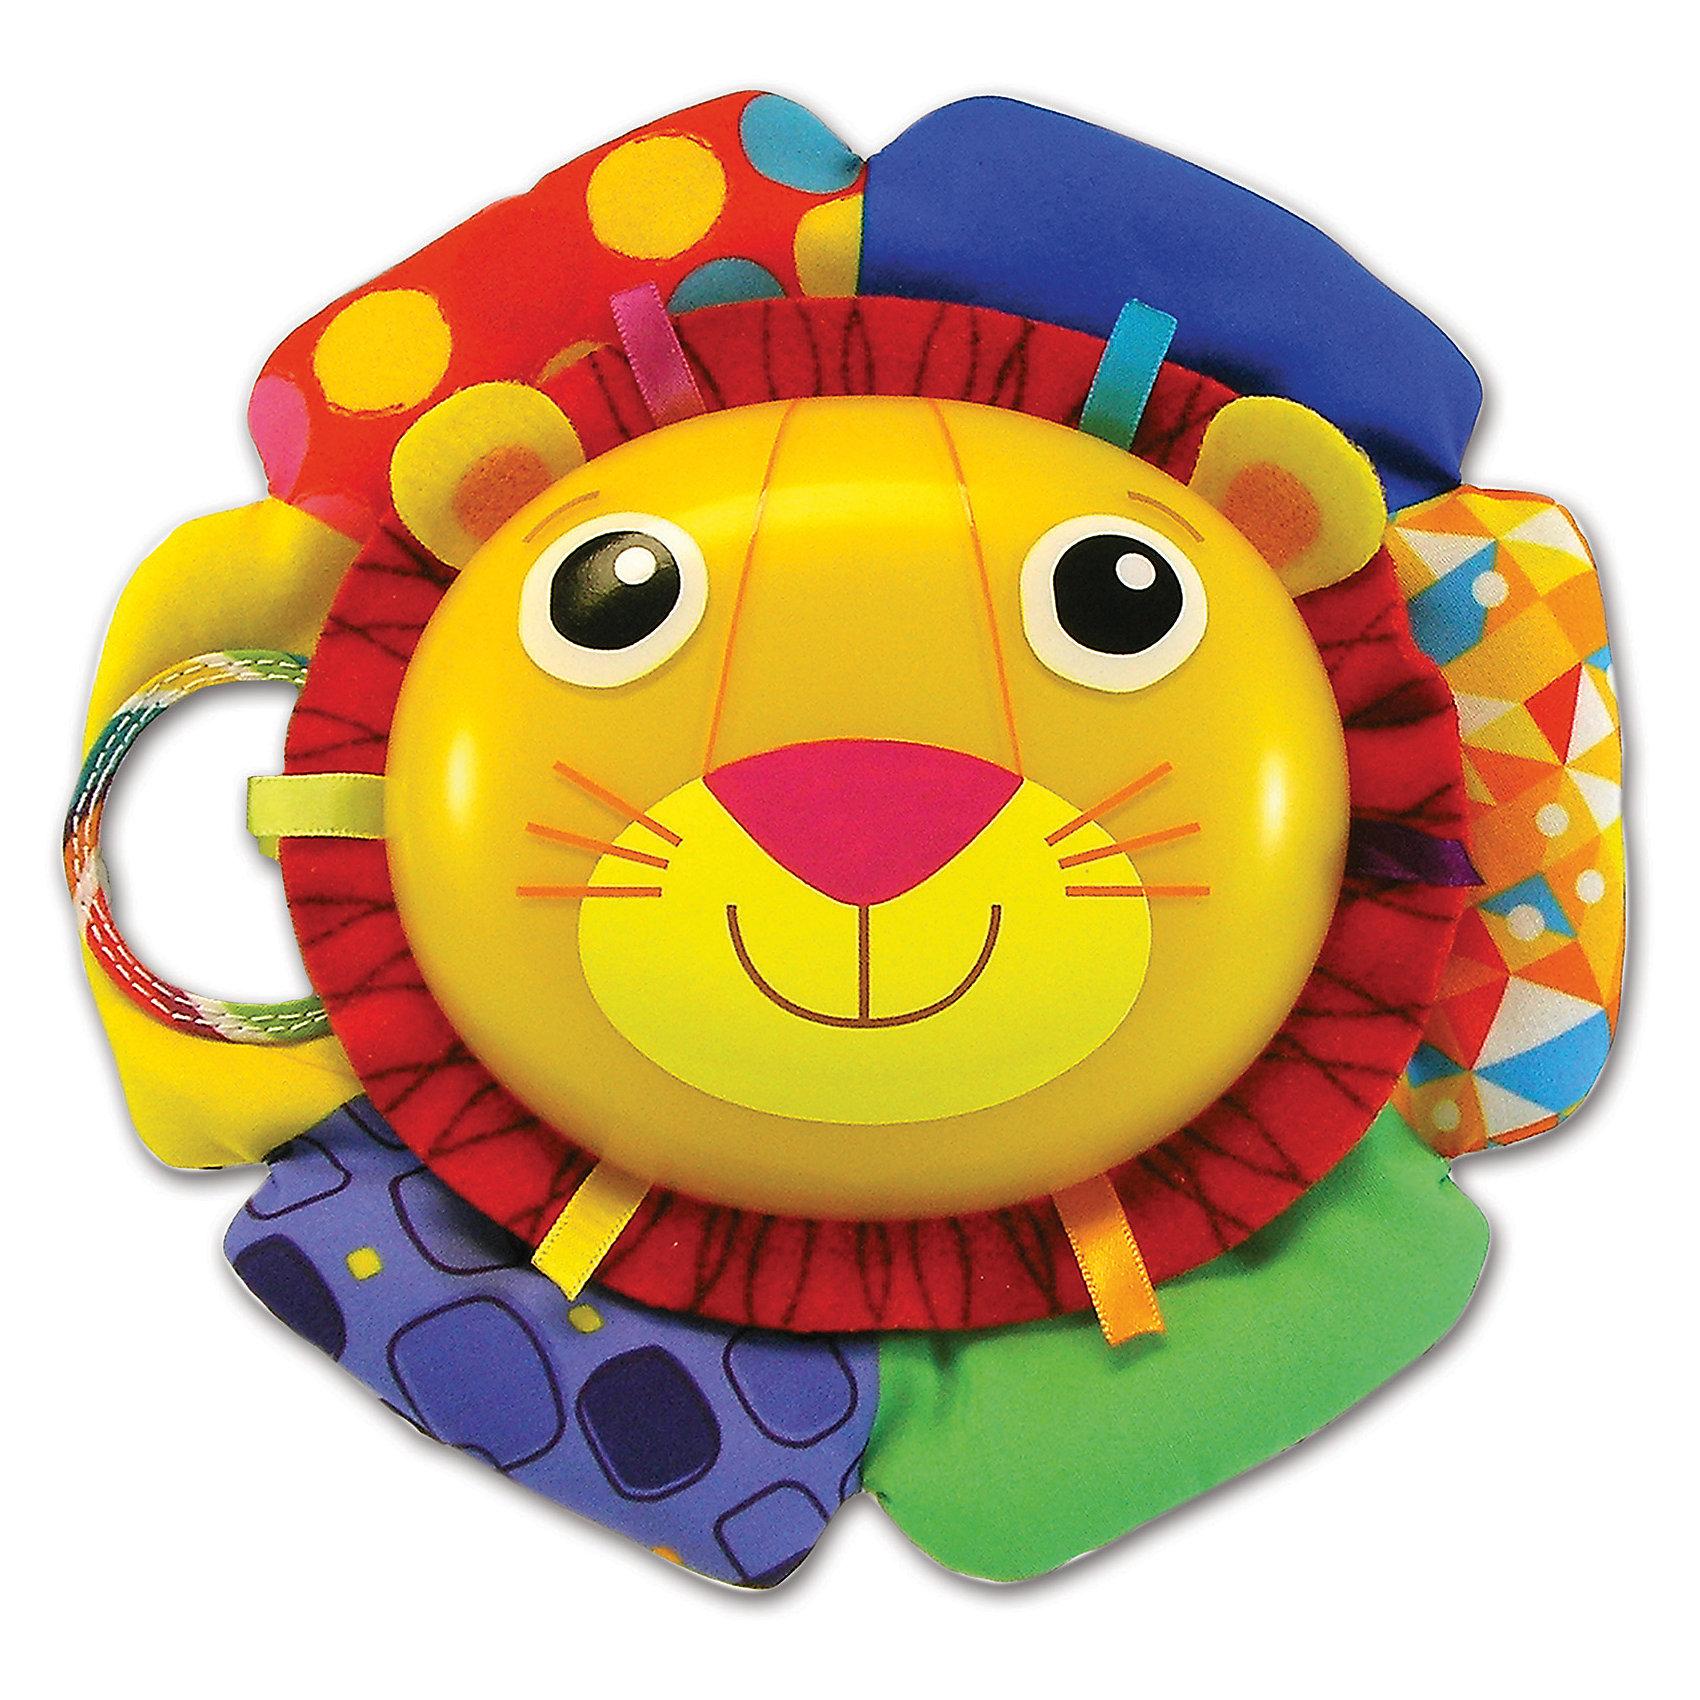 Музыкальная игра Лев Логан, звук-мелодия, LamazeДетские музыкальные инструменты<br>Малыши очень любознательны и общительны, они каждый день узнают что-то новое. Сделать процесс познавания мира для малышей - просто! Яркая игрушка в  виде льва поможет ребенку весело и с пользой провести время. Игрушка сделана из мягкого материала, что развивает тактильное восприятие ребенка. Оснащена звуковыми эффектами (играет мелодию), её можно крепить на кроватку. <br>Эта игрушка обязательно займет ребенка! Игра с ней помогает детям развивать мелкую моторику, внимательность и познавать мир. Игрушка сделана из качественных и безопасных для ребенка материалов.<br><br>Дополнительная информация:<br><br>цвет: разноцветный;<br>размер упаковки: 28 х 25 х 11 см;<br>материал: текстиль.<br><br>Музыкальную игру Лев Логан, звук-мелодия, Tomy Lamaze можно купить в нашем магазине.<br><br>Ширина мм: 280<br>Глубина мм: 255<br>Высота мм: 110<br>Вес г: 840<br>Возраст от месяцев: -2147483648<br>Возраст до месяцев: 2147483647<br>Пол: Унисекс<br>Возраст: Детский<br>SKU: 4918494